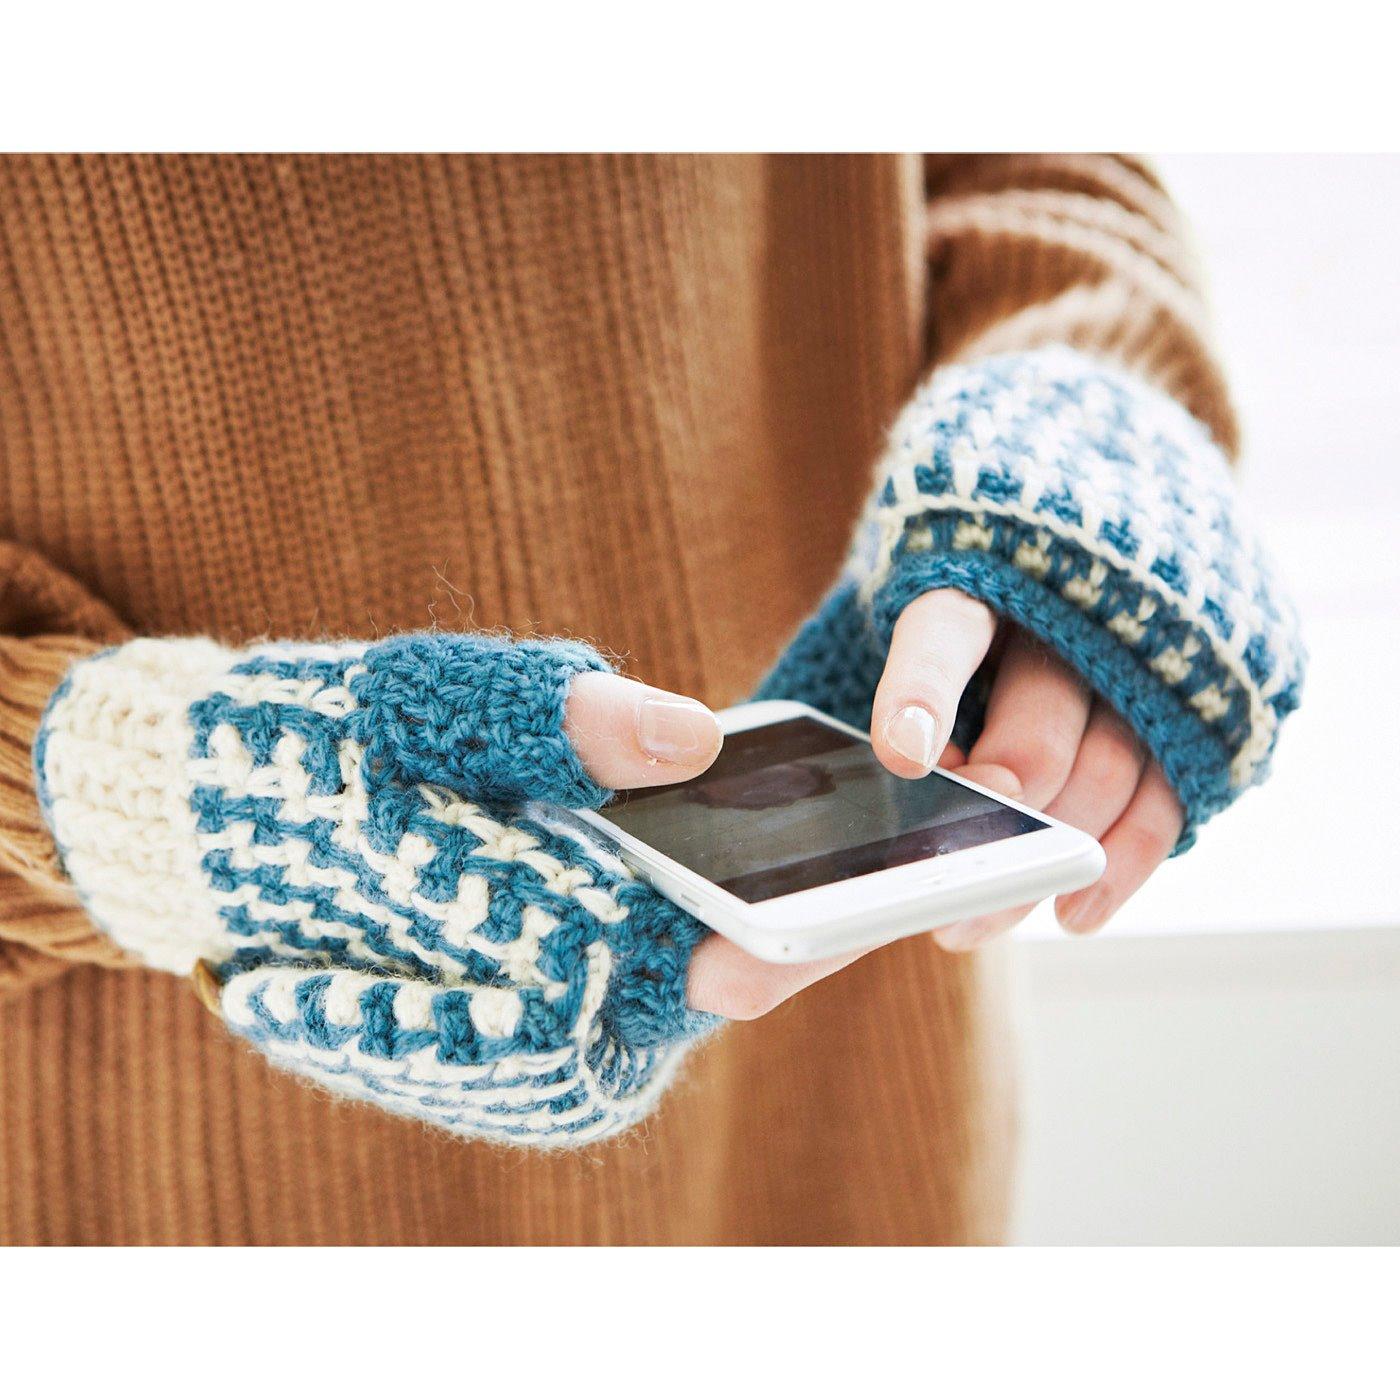 手のひら側が開くので、着けたままでスマートフォン操作もこなせます。